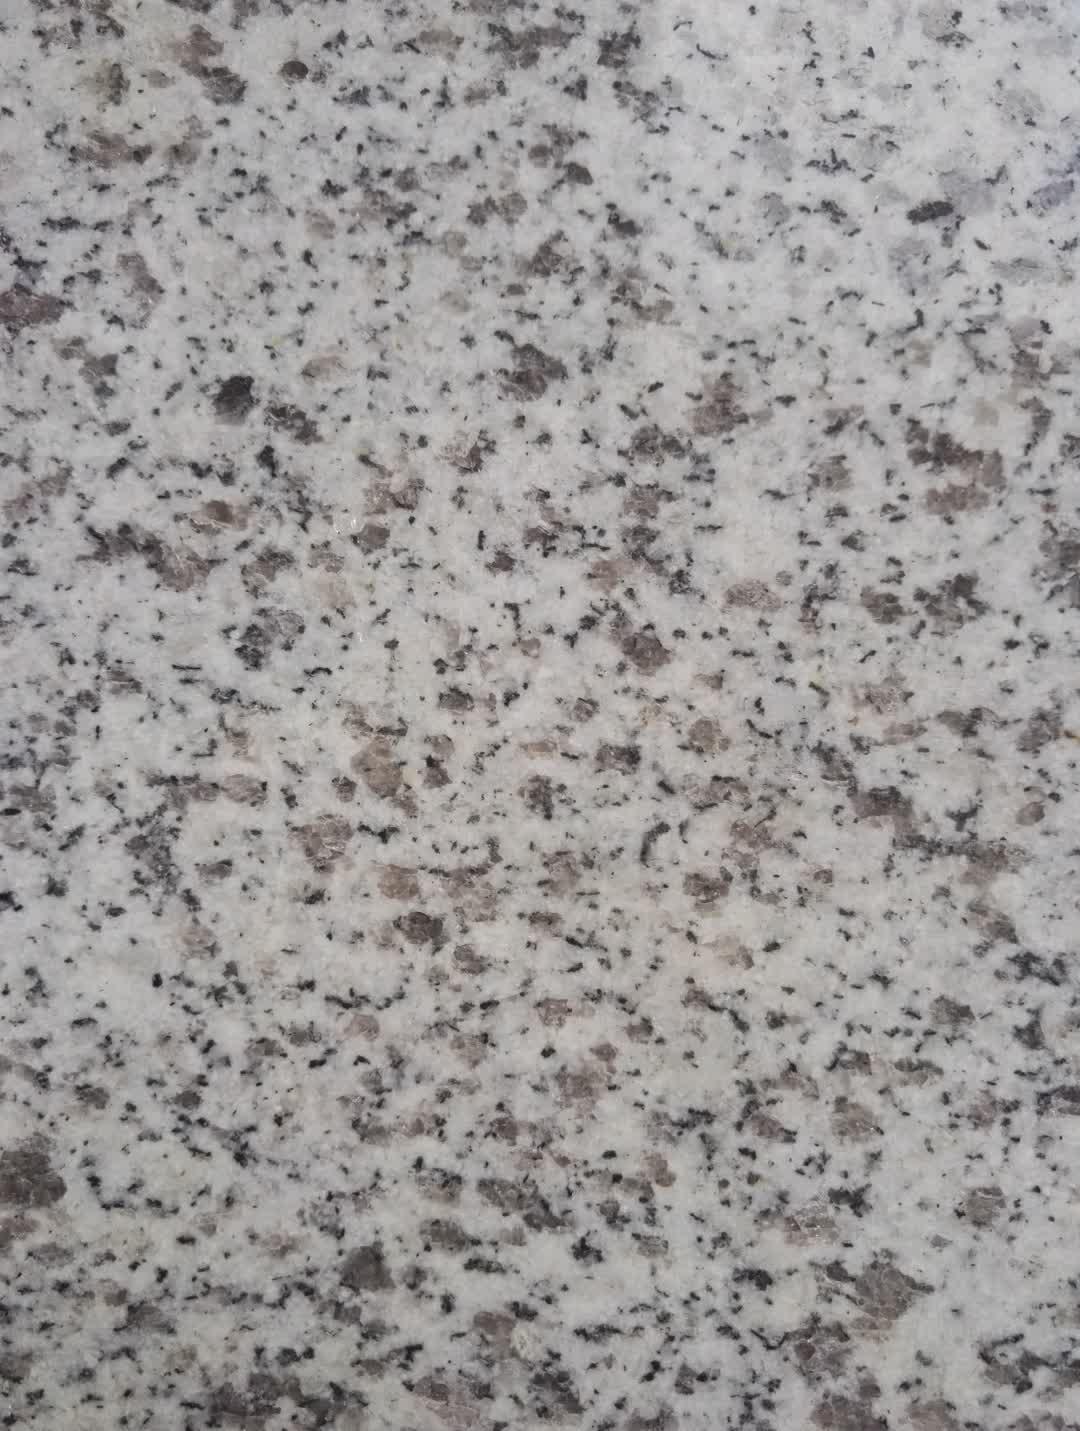 石材 山东石材批发 山东石材供应商 供应山东石材厂家 山东石材厂家直销 山东石材价格